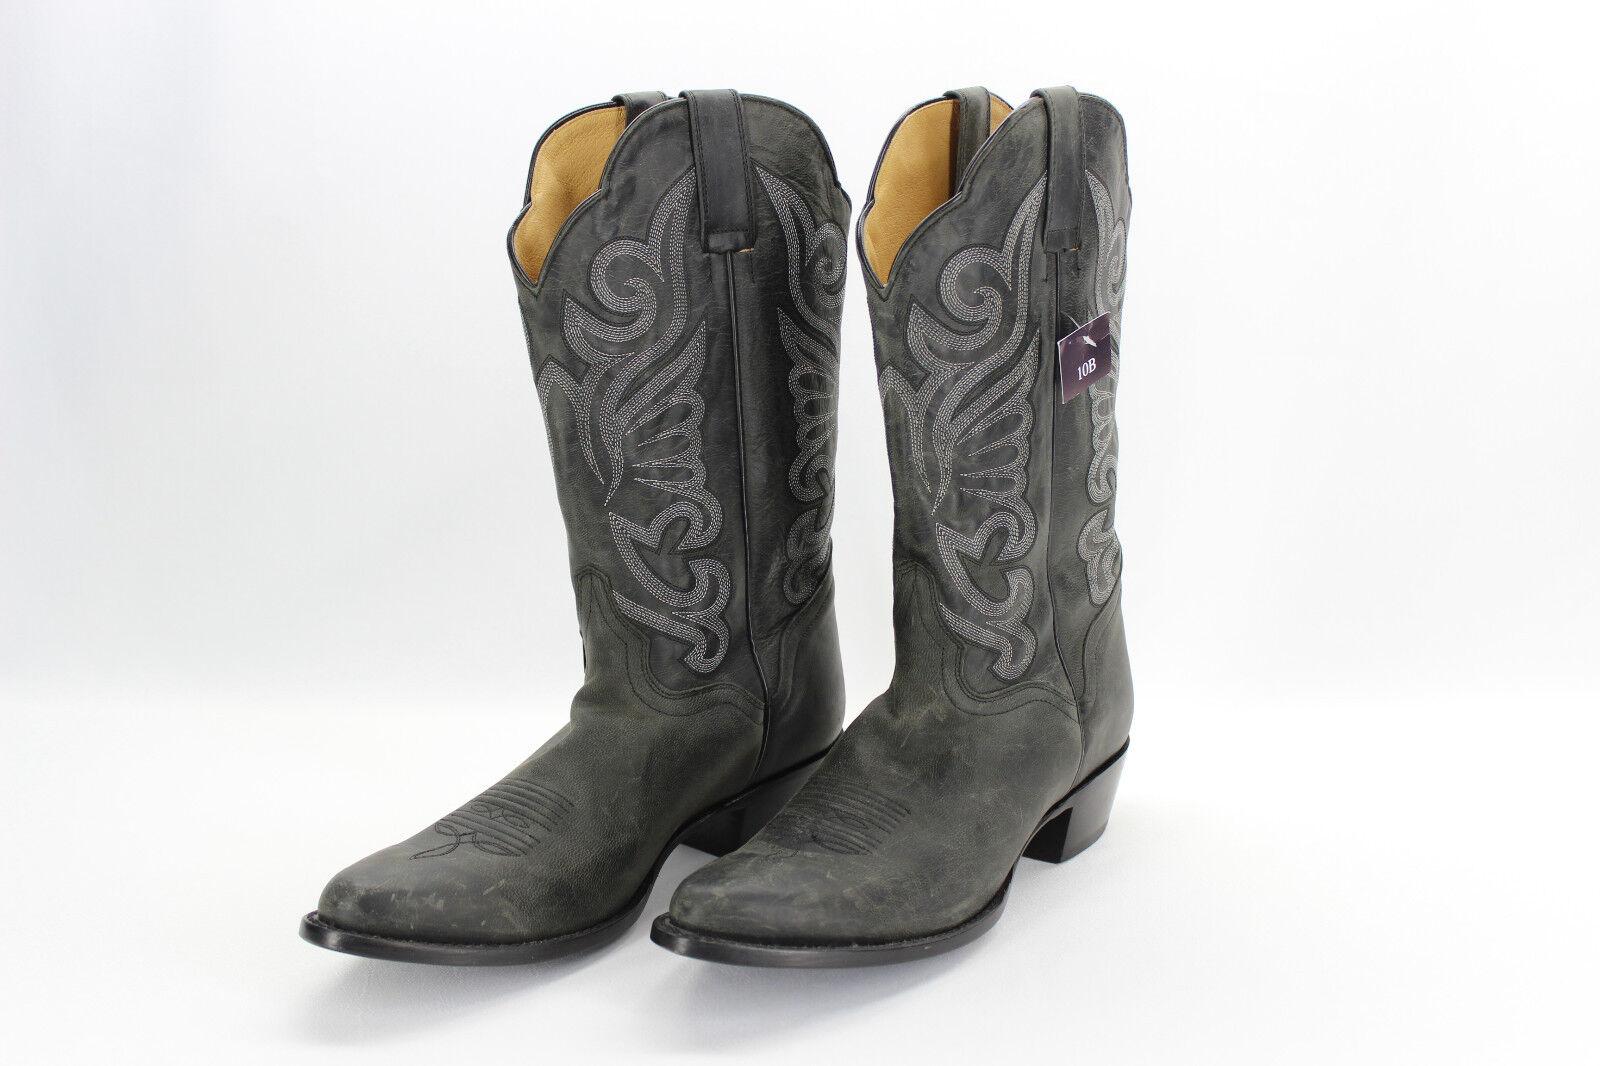 J B Dillon JBW2309 Negro de Cuero Cuero Cuero Genuino cabra Envejecido rojoondo-Toe botas Talla 10  echa un vistazo a los más baratos